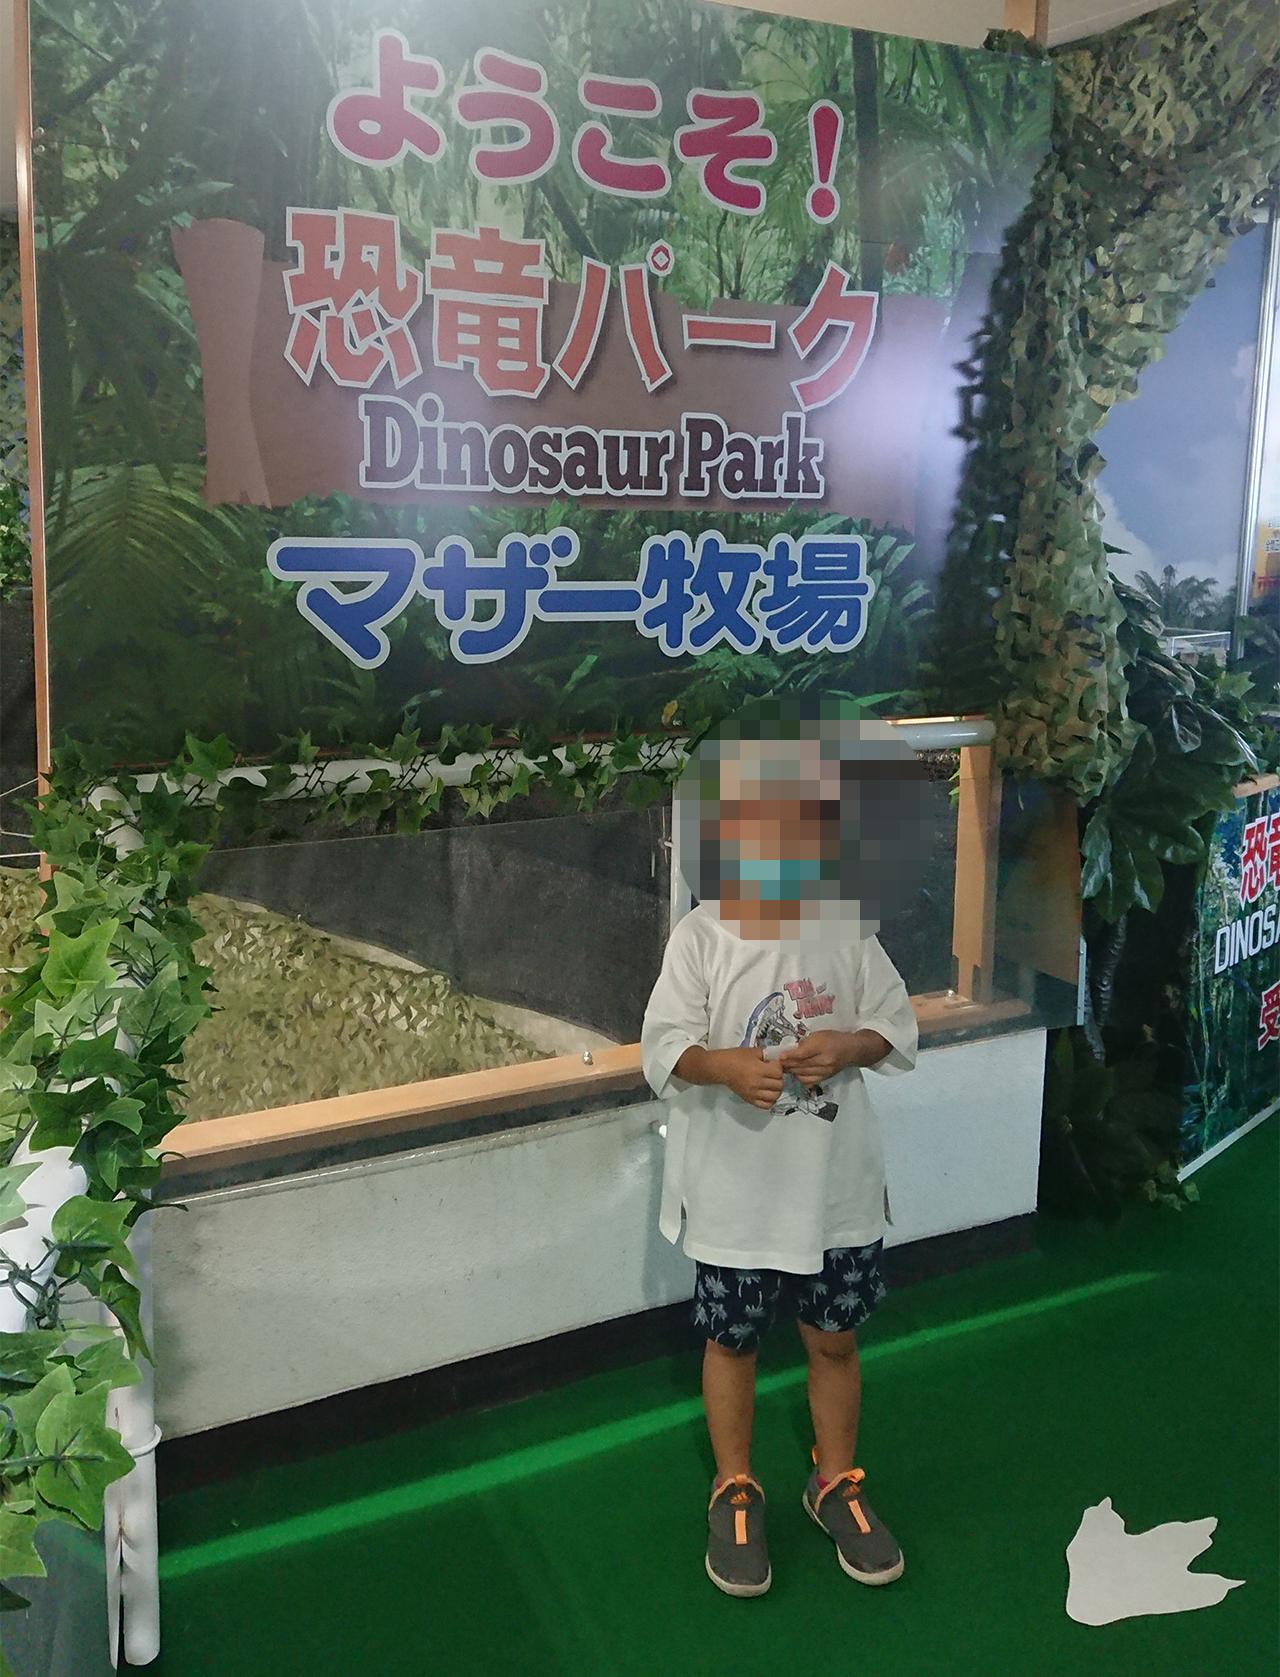 恐竜パークの看板の写真